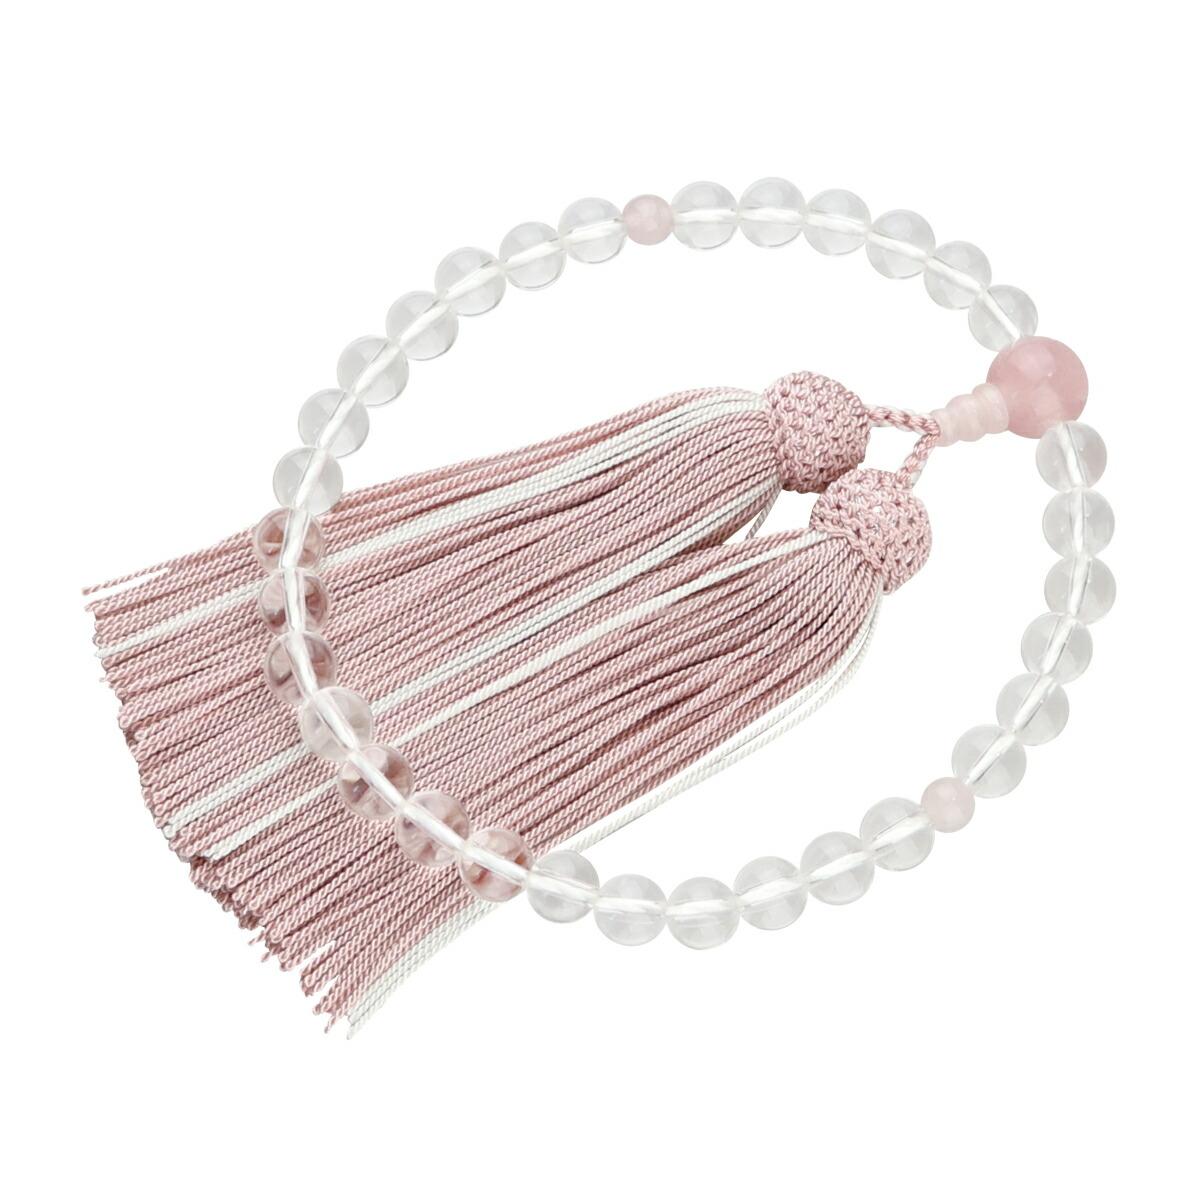 数珠(女性用略式) 本水晶8mm(丸玉/紅水晶仕立/灰桜・白ライン)